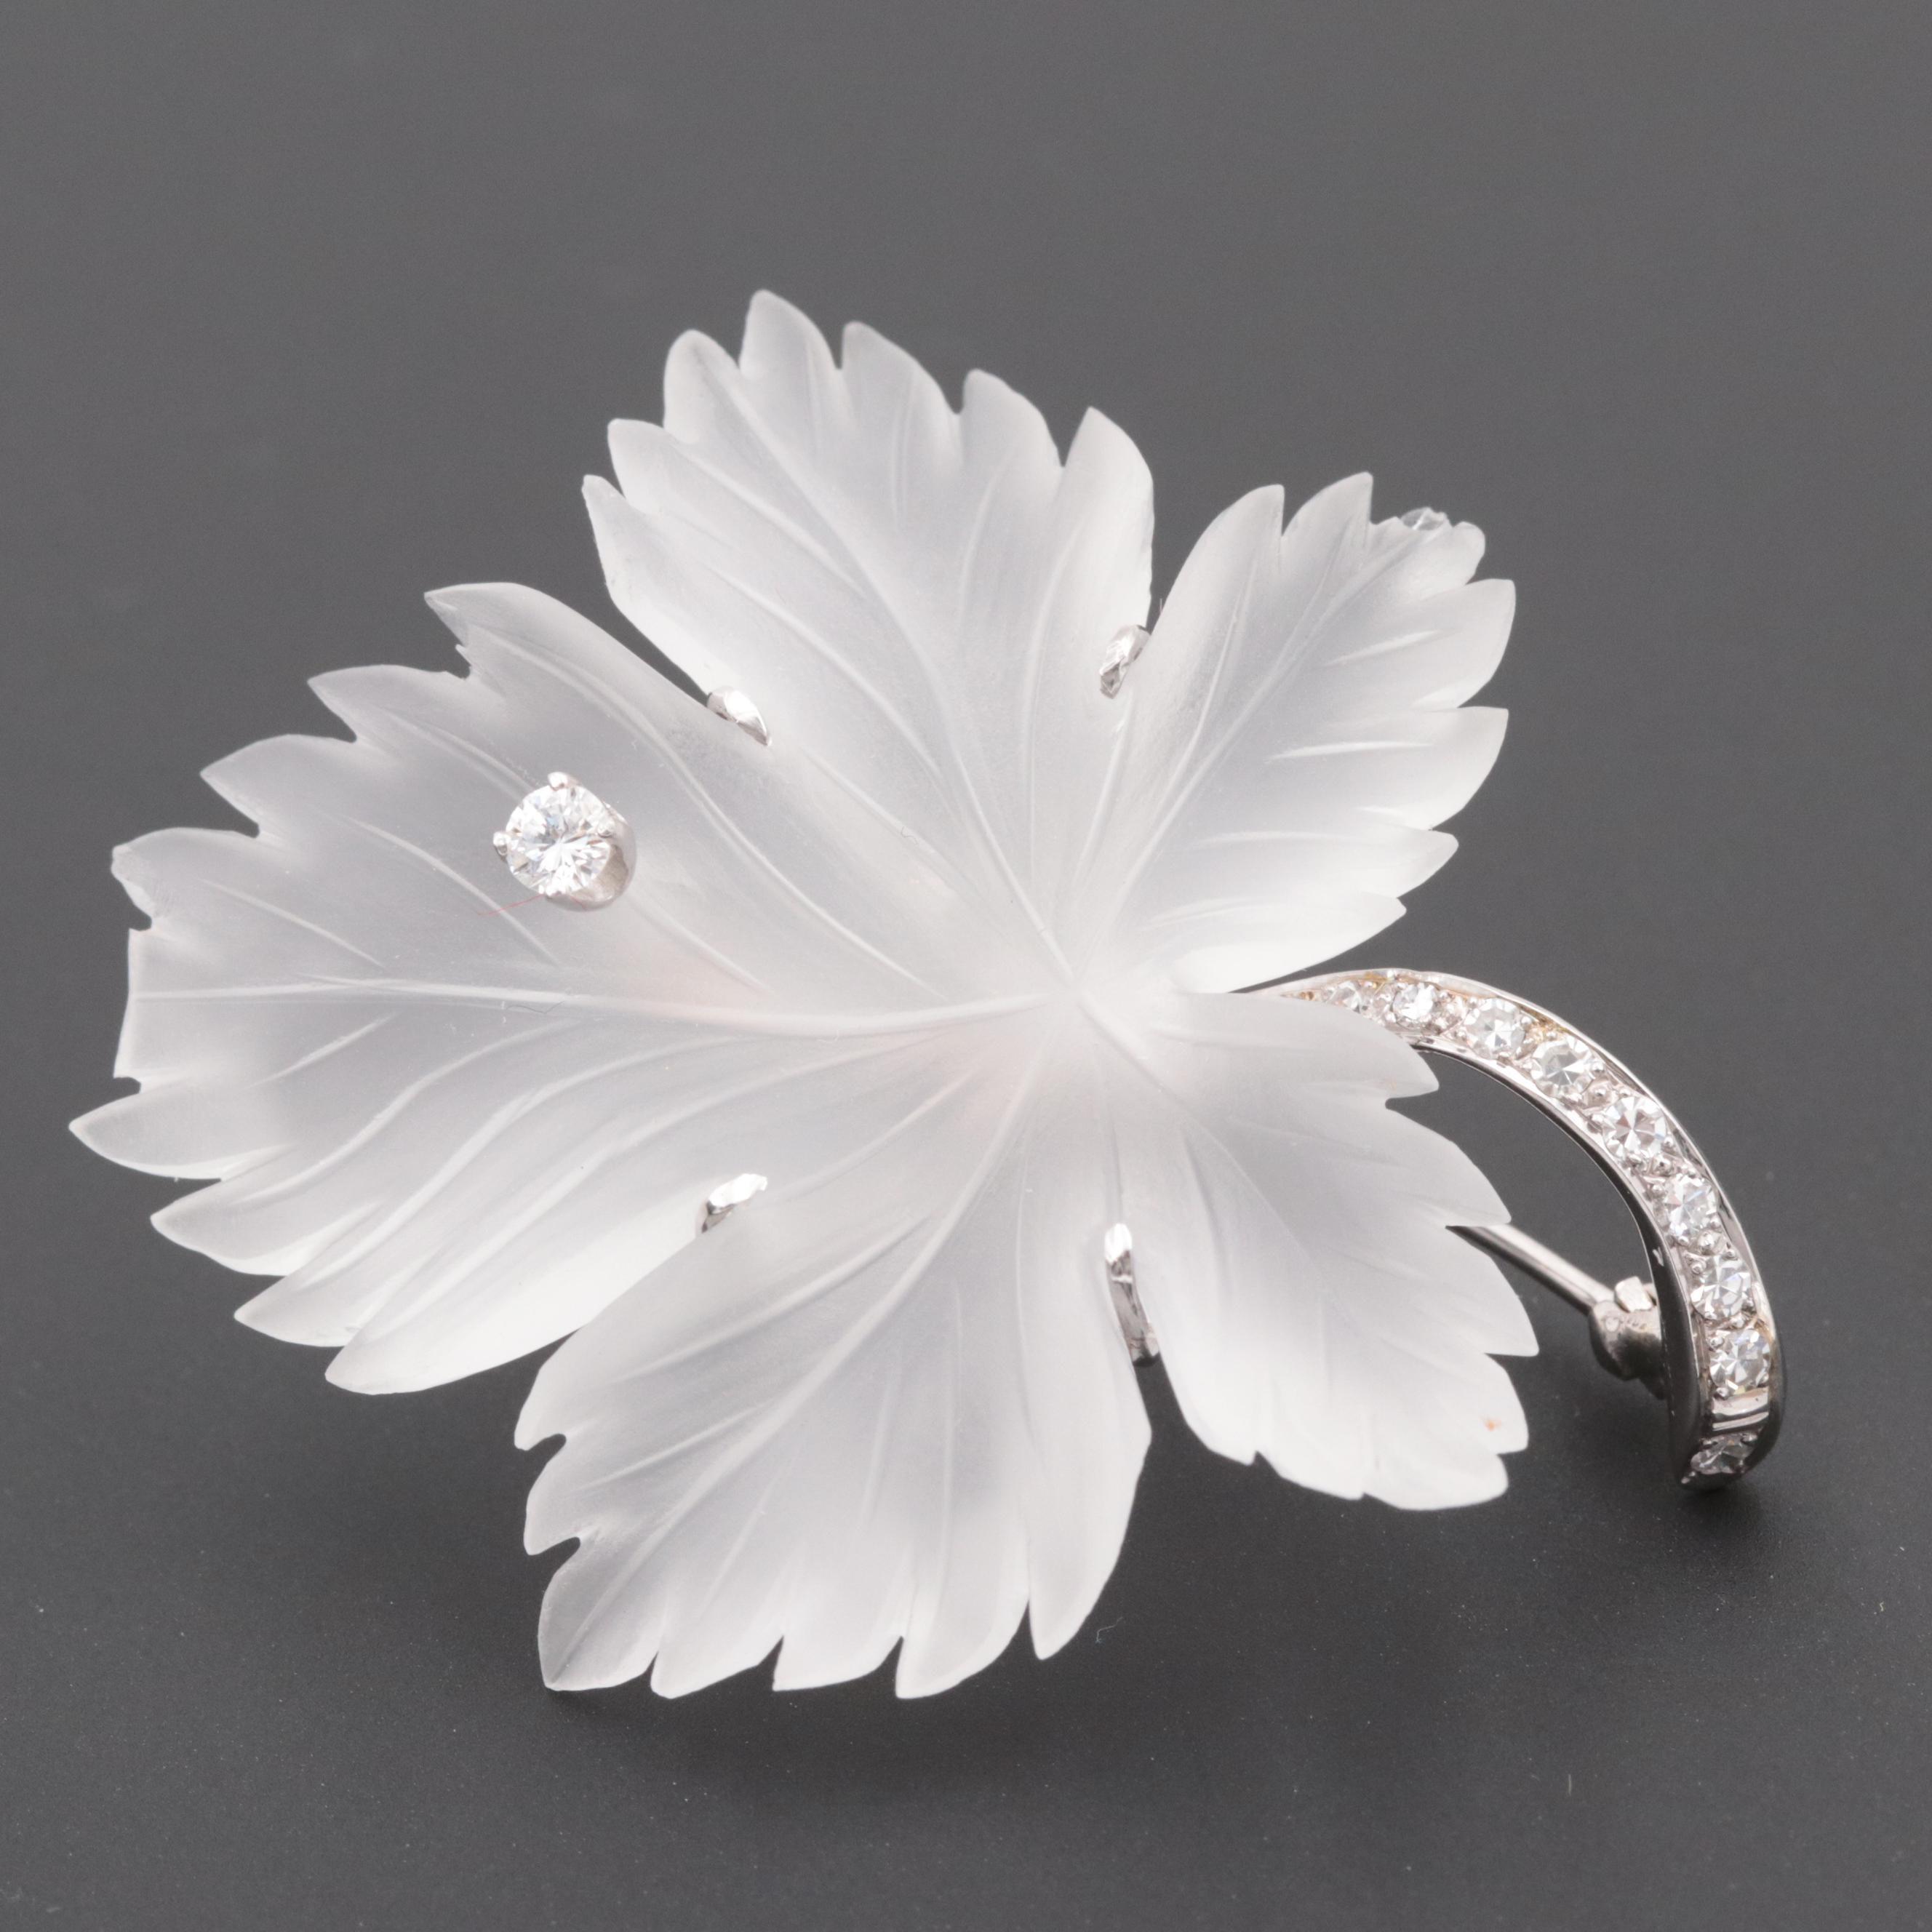 Vintage 14K White Gold Diamond and Quartz Carved Leaf Brooch